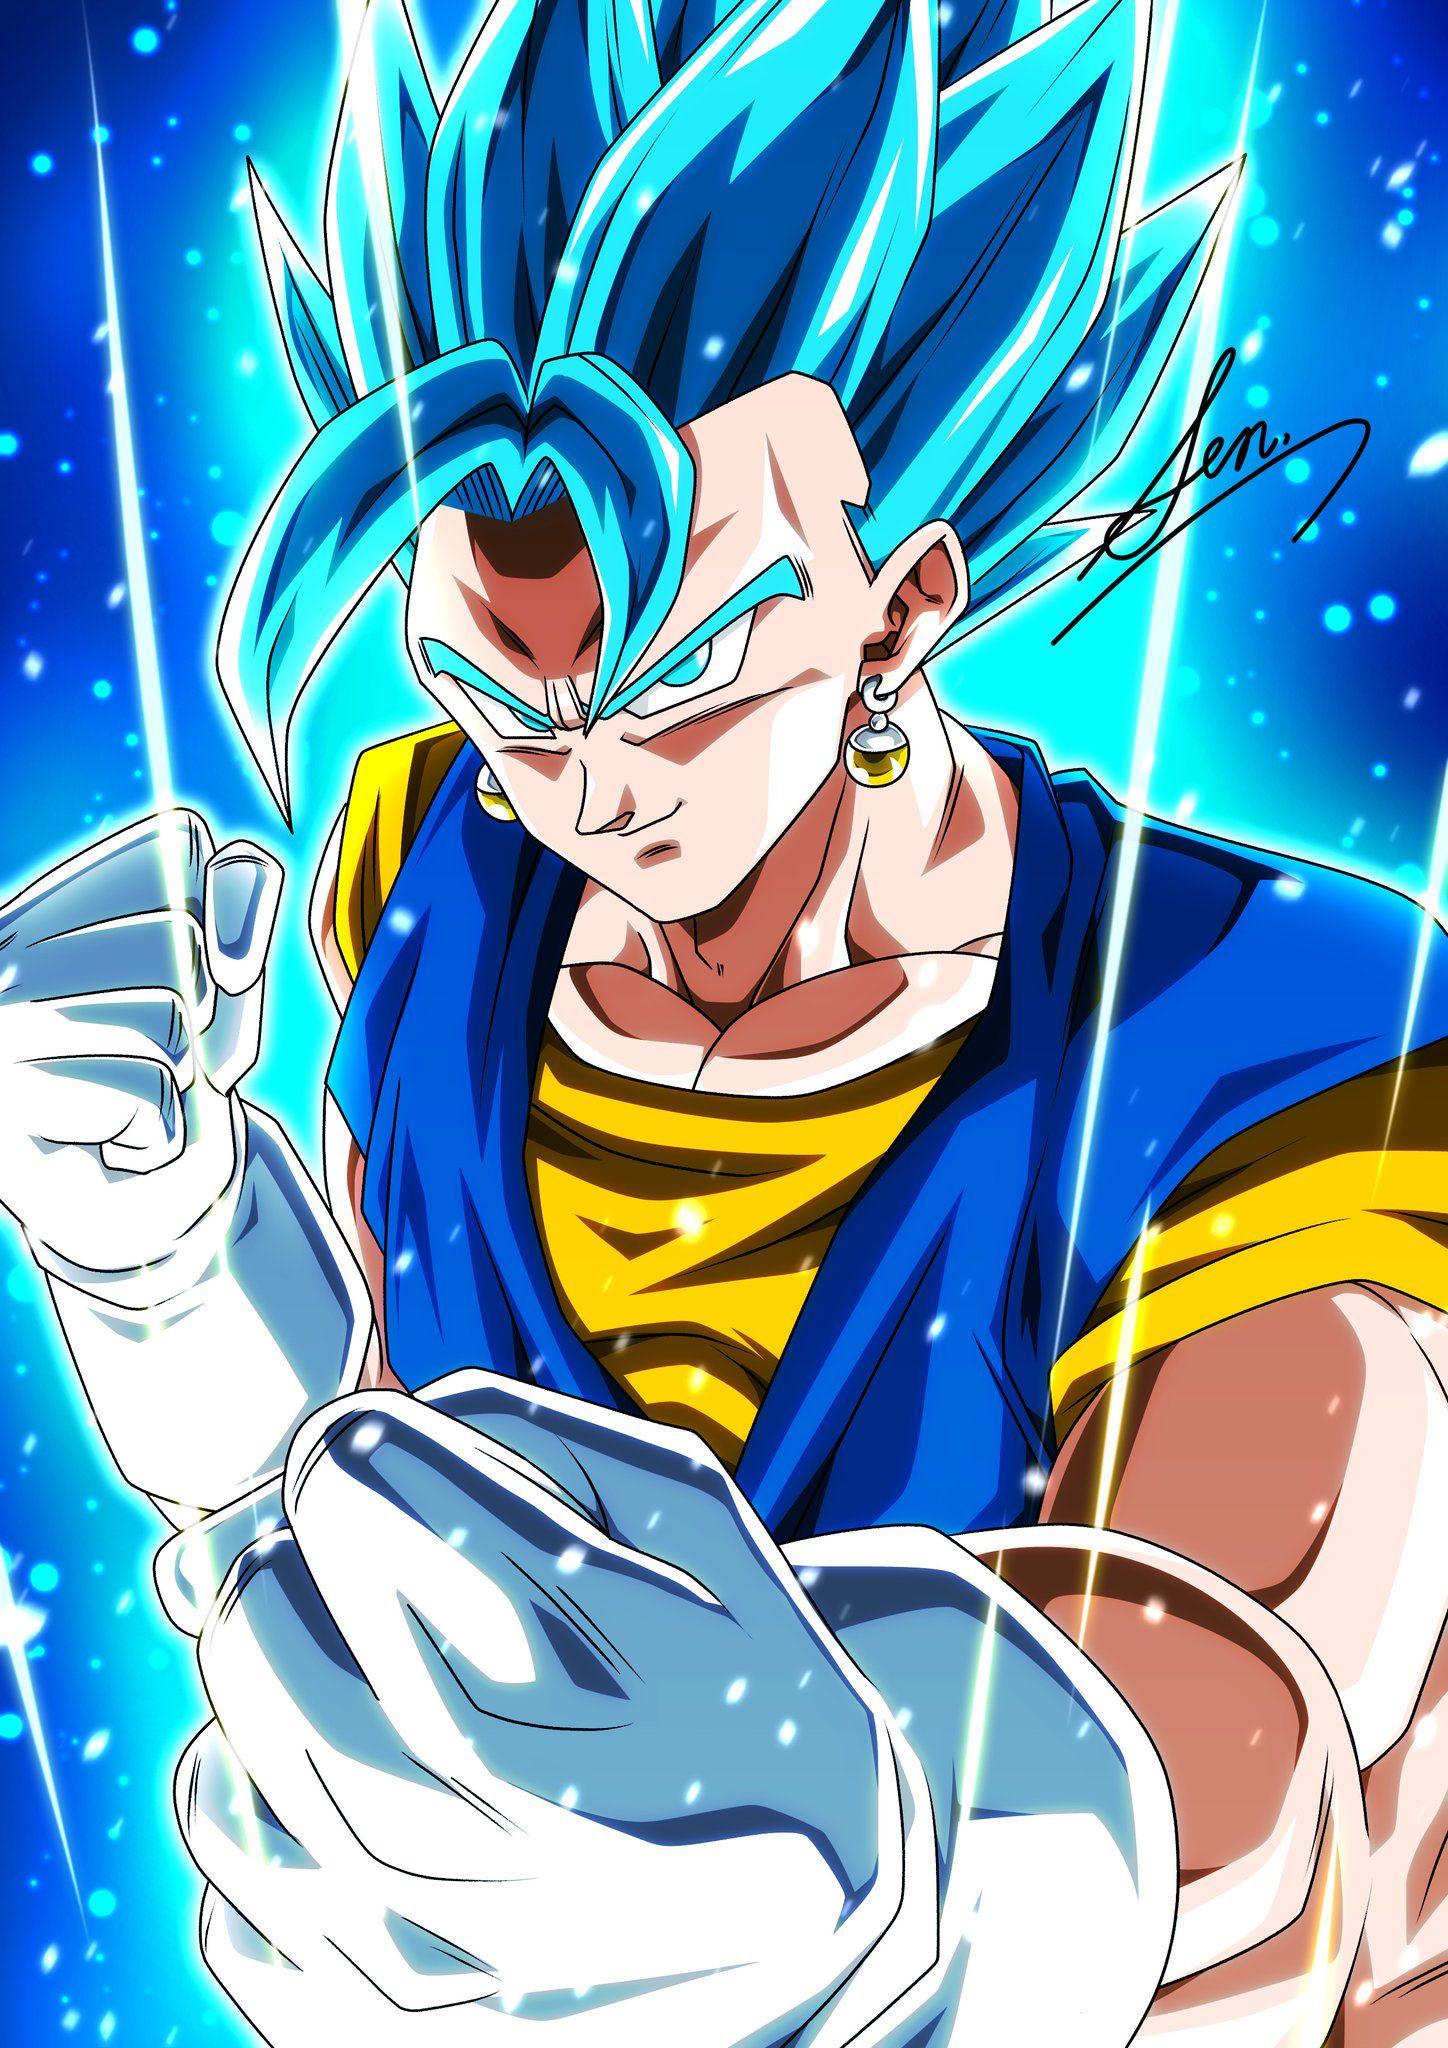 Bejiito Ssgss Anime Dragon Ball Dragon Ball Art Dragon Ball Super Manga